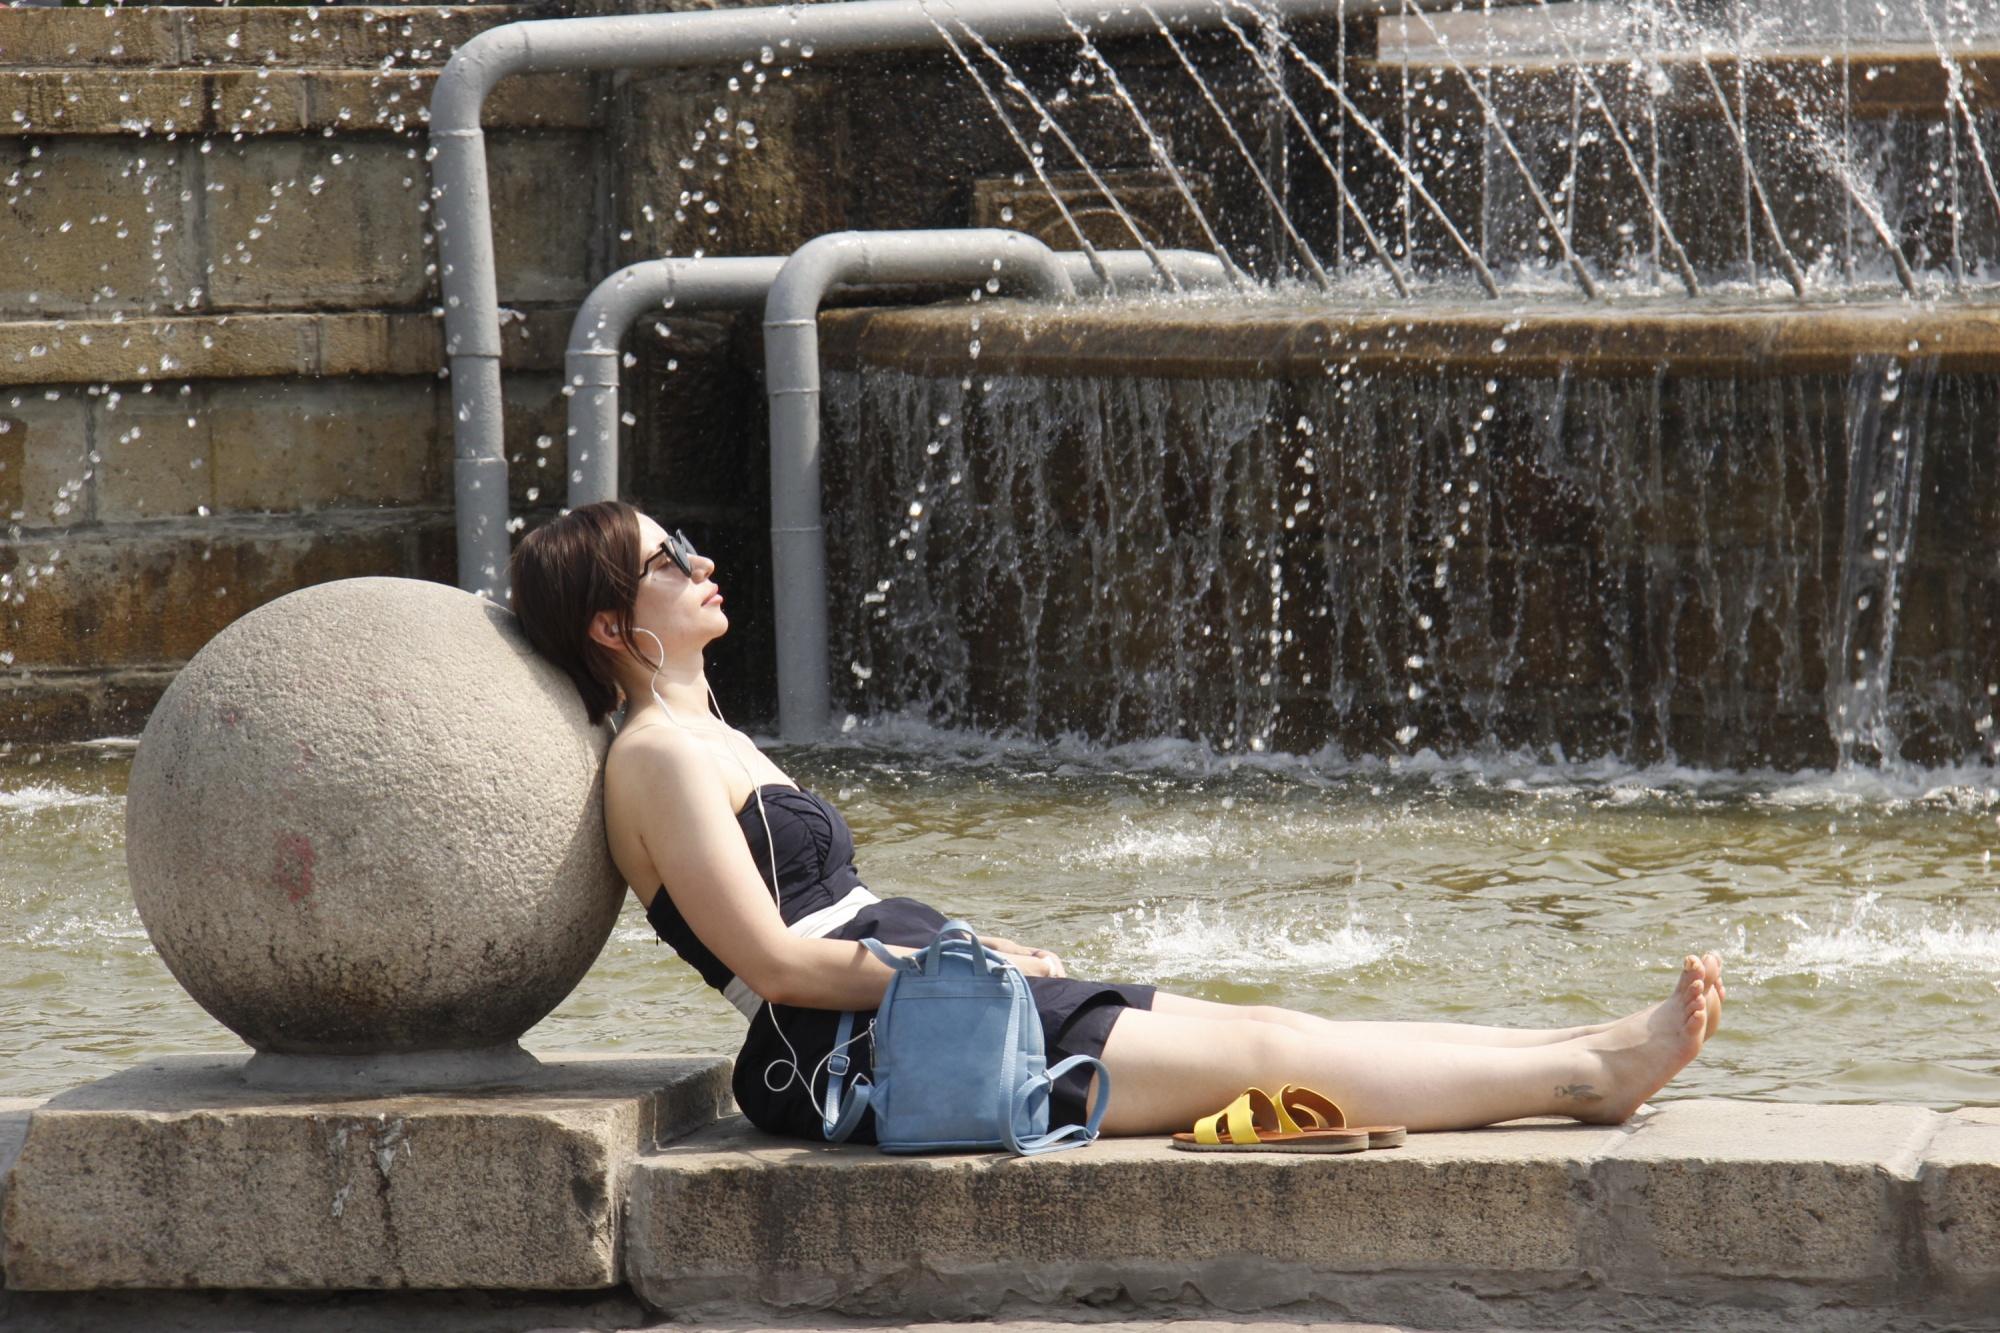 картинки жара в городе прикольные рассказывающем жизни